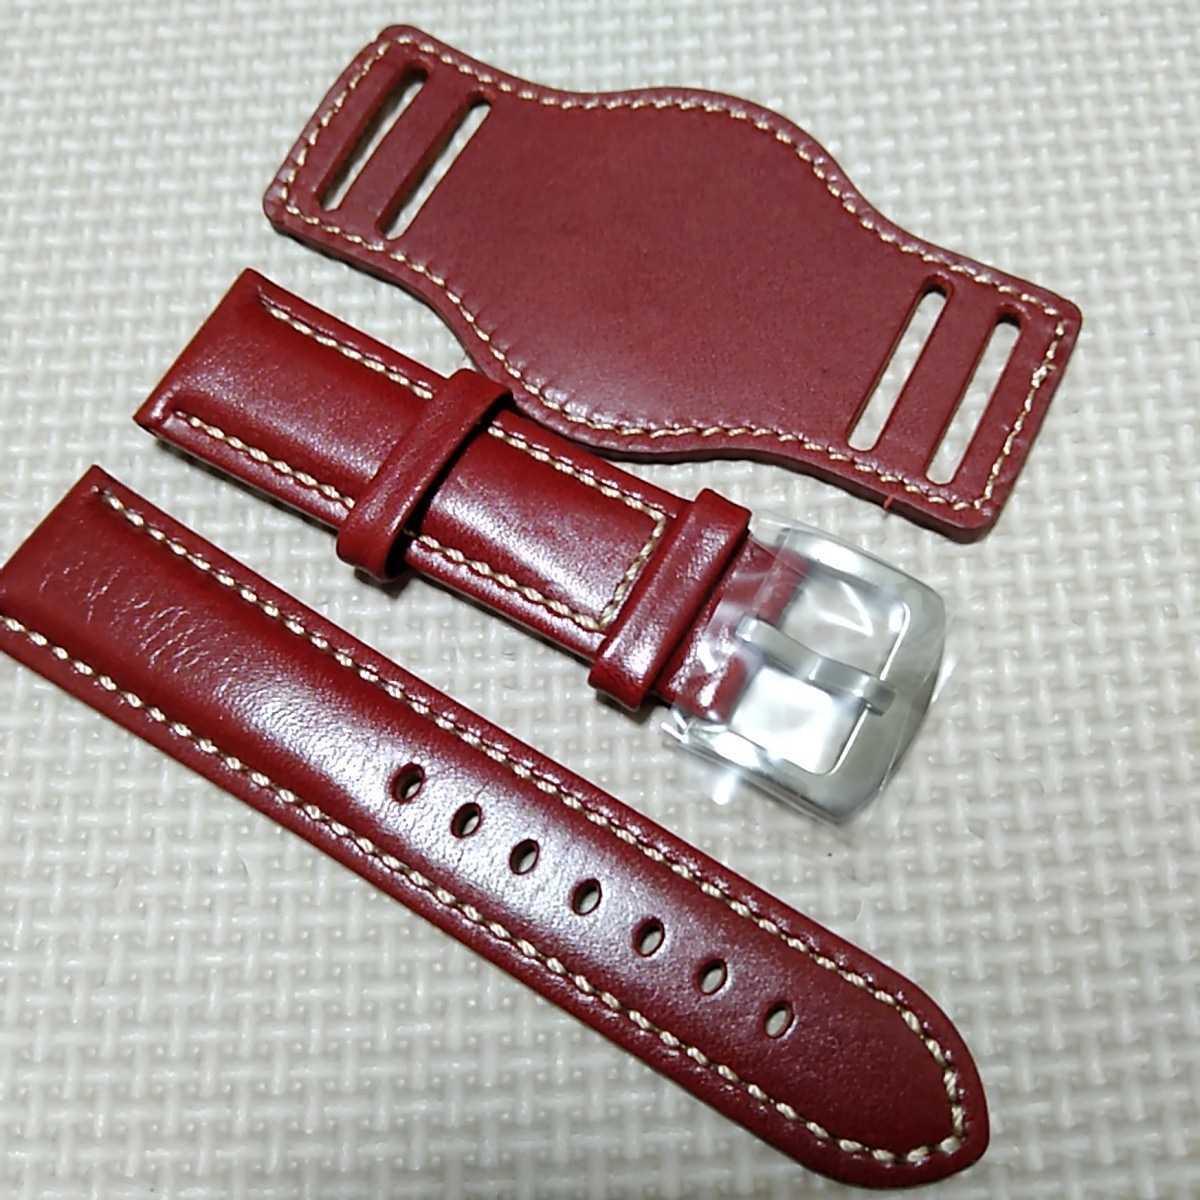 No33 ブンド BUND 本革レザーベルト 腕時計ベルト 交換用ストラップ レッド 22mm 未使用 送料無料 高品質 ドイツパイロット 空軍_画像1